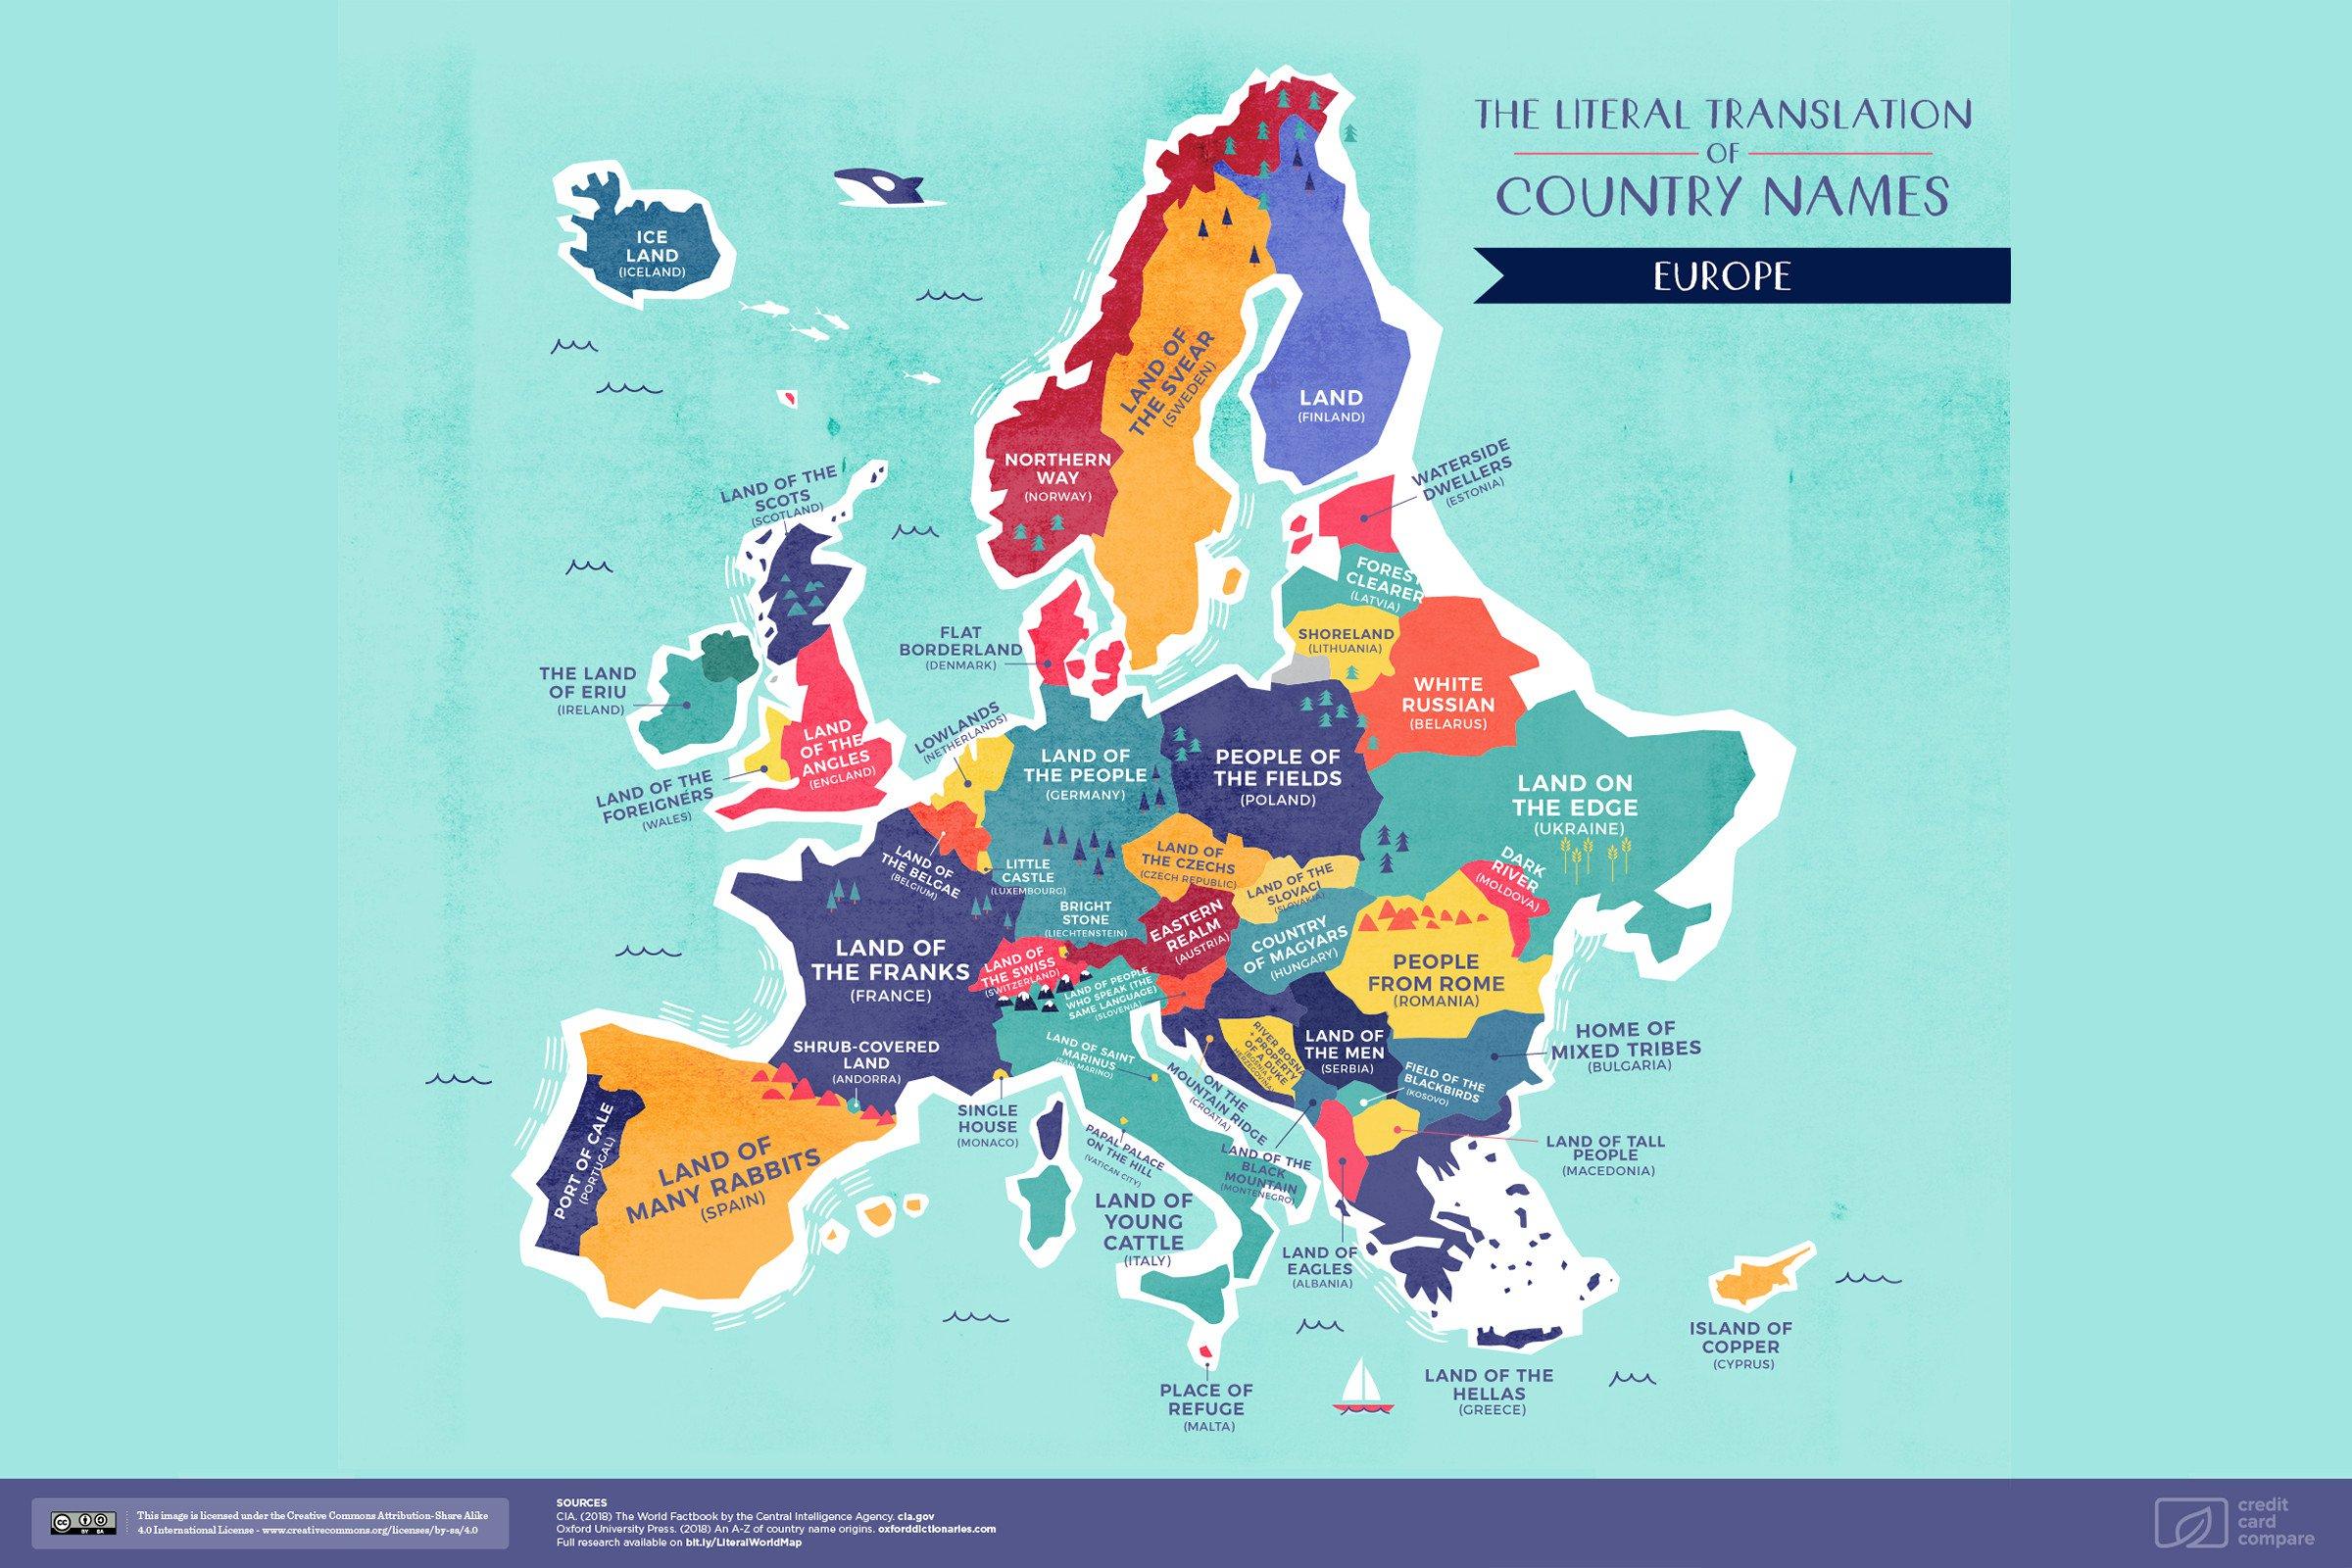 La Carte Du Monde Des Vrais Noms De Pays | Slate.fr encequiconcerne Carte Europe Sans Nom Des Pays